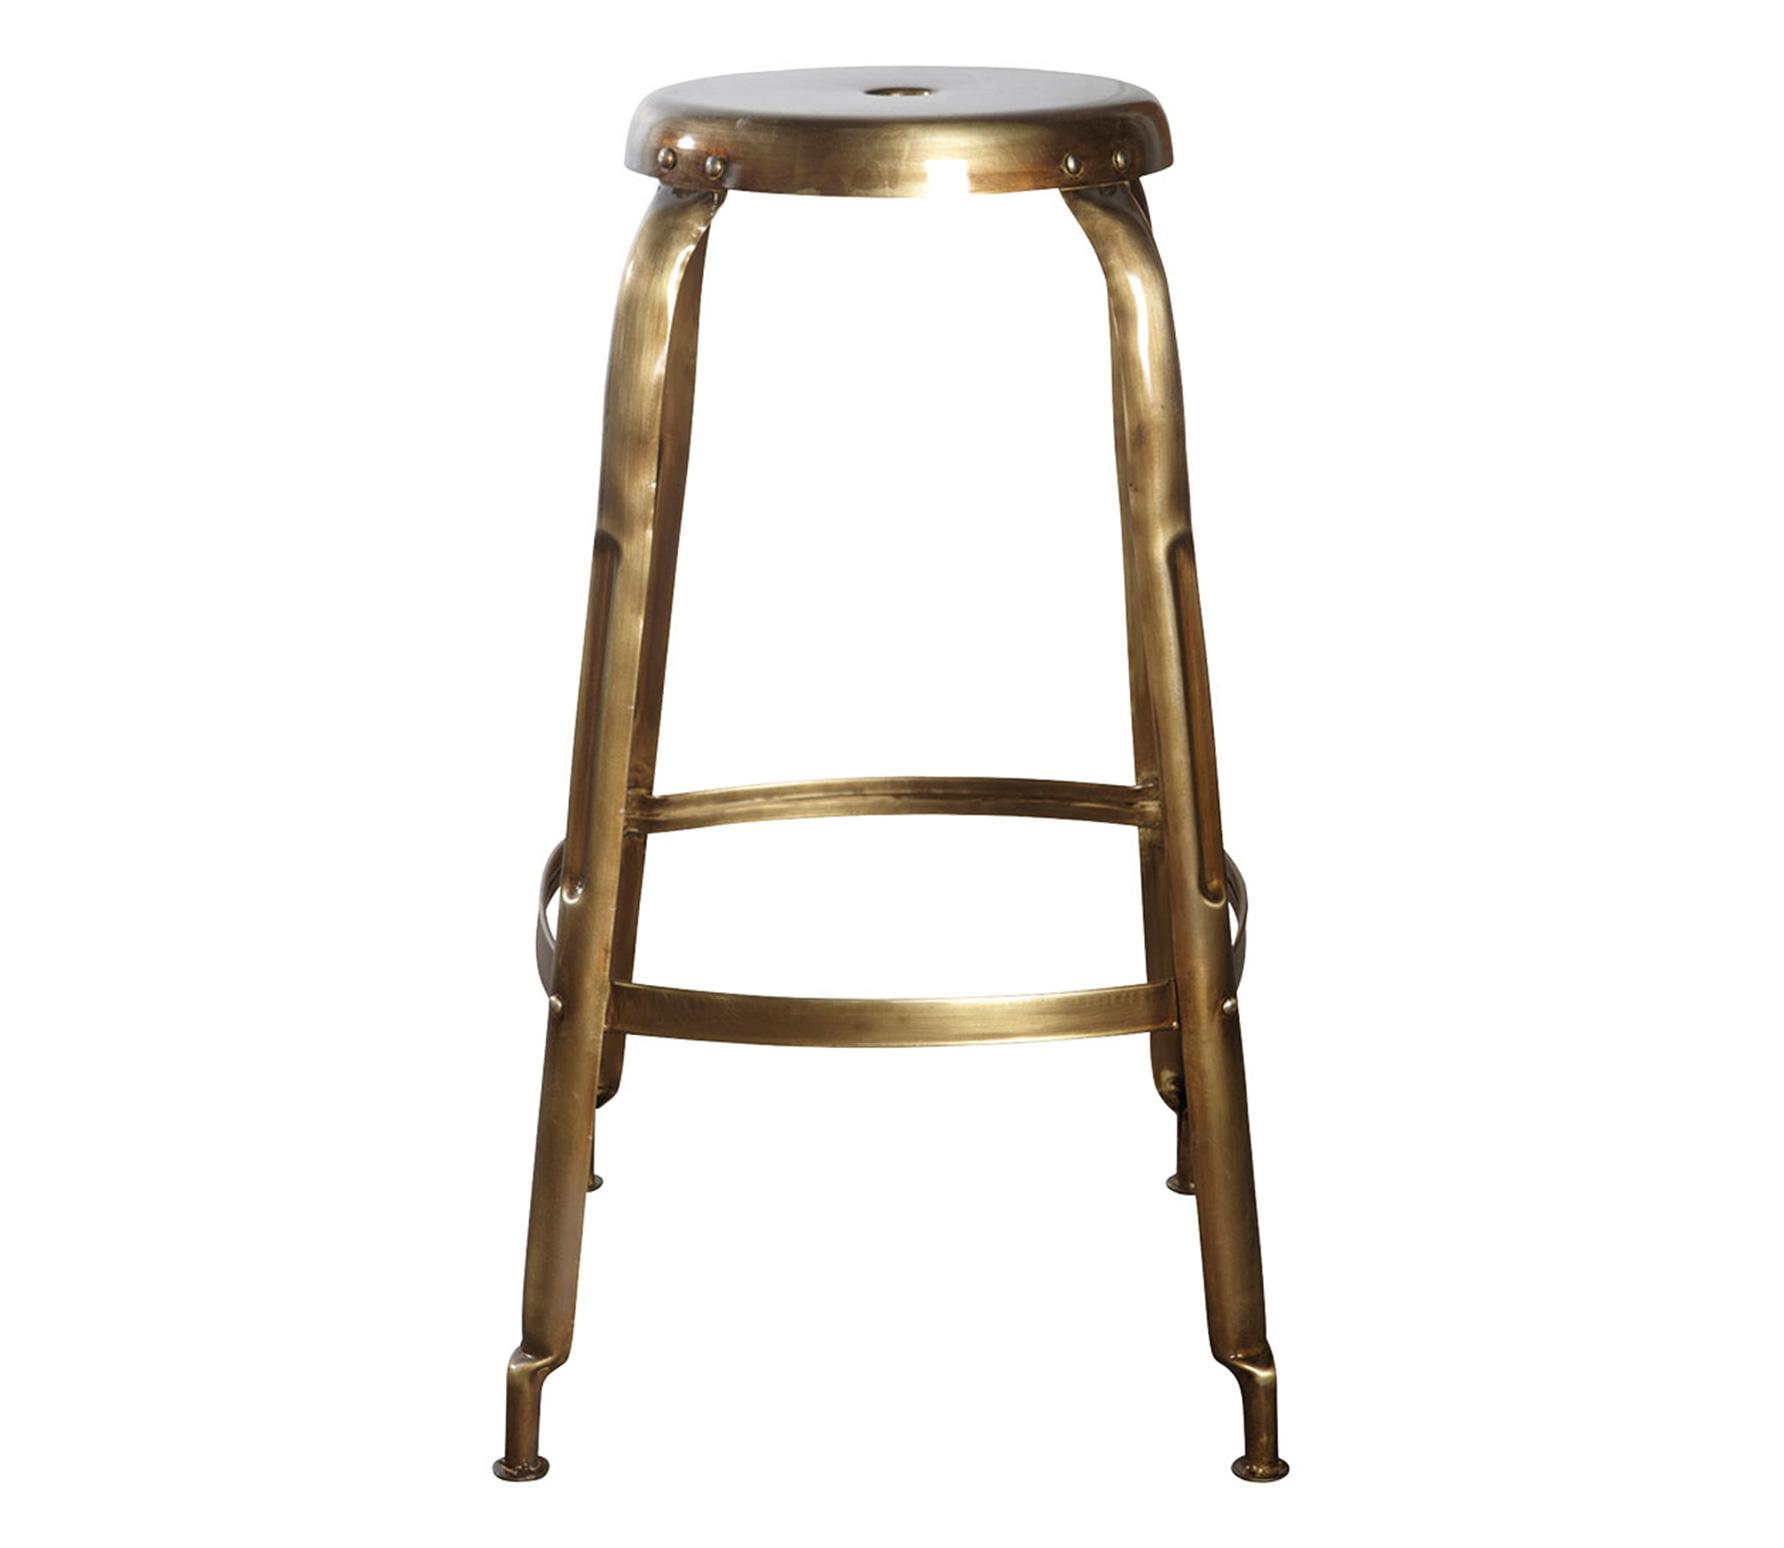 Housedoctor Define kruk goud staal